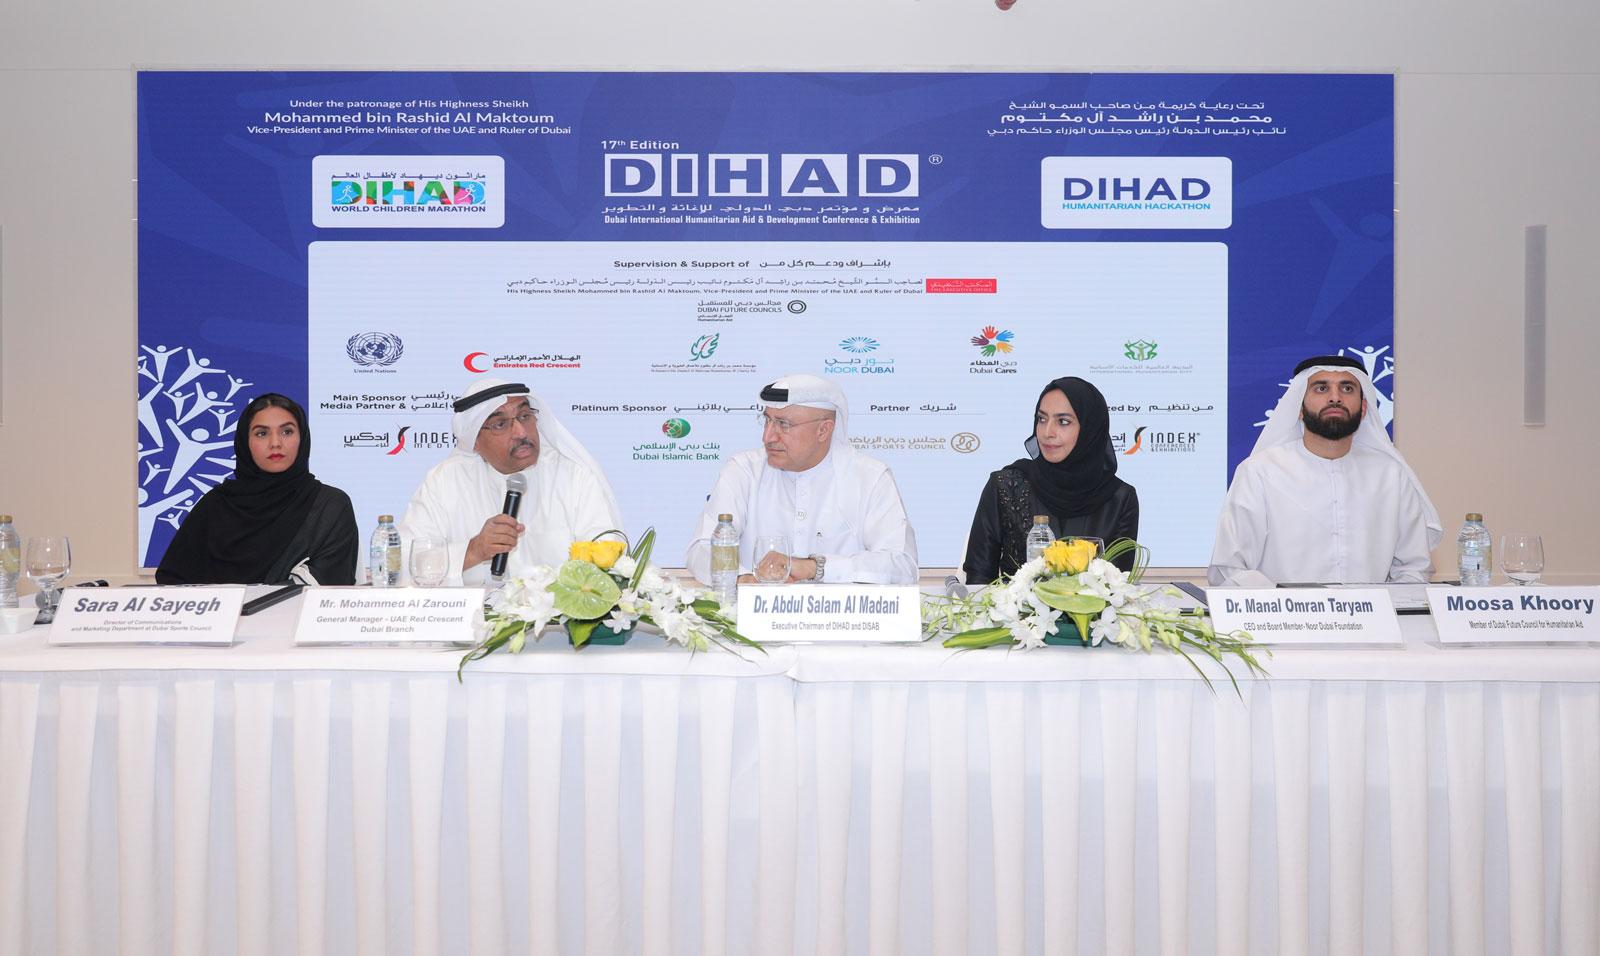 dihad hosts humanitarian week in dubai in march 2